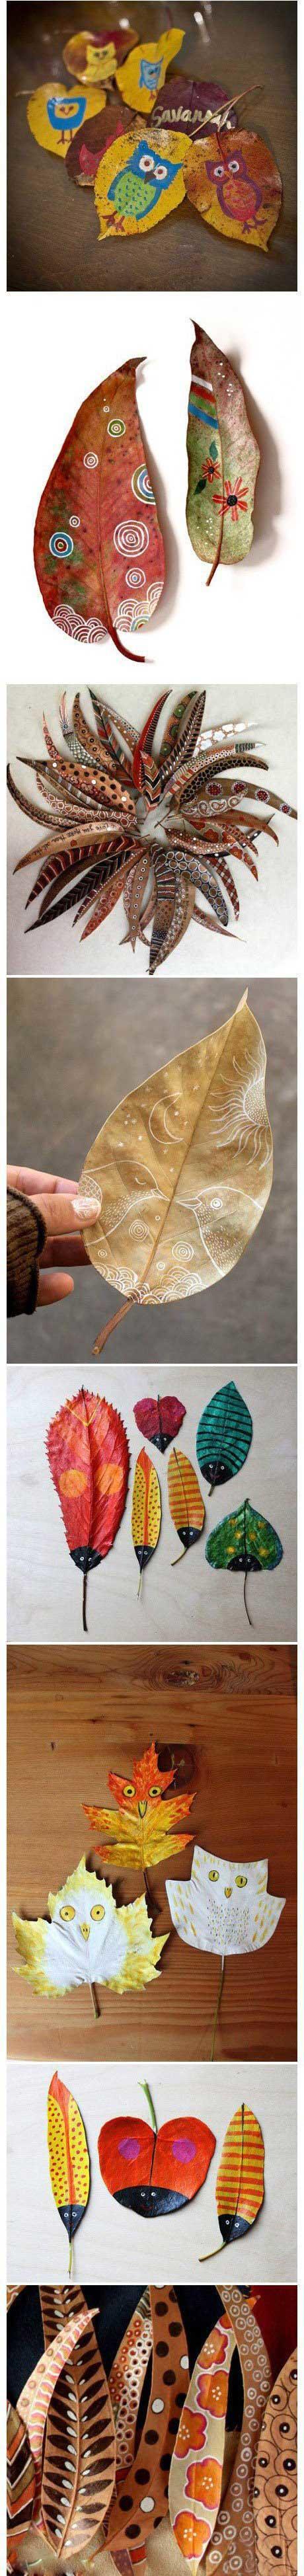 树叶画创意diy手工